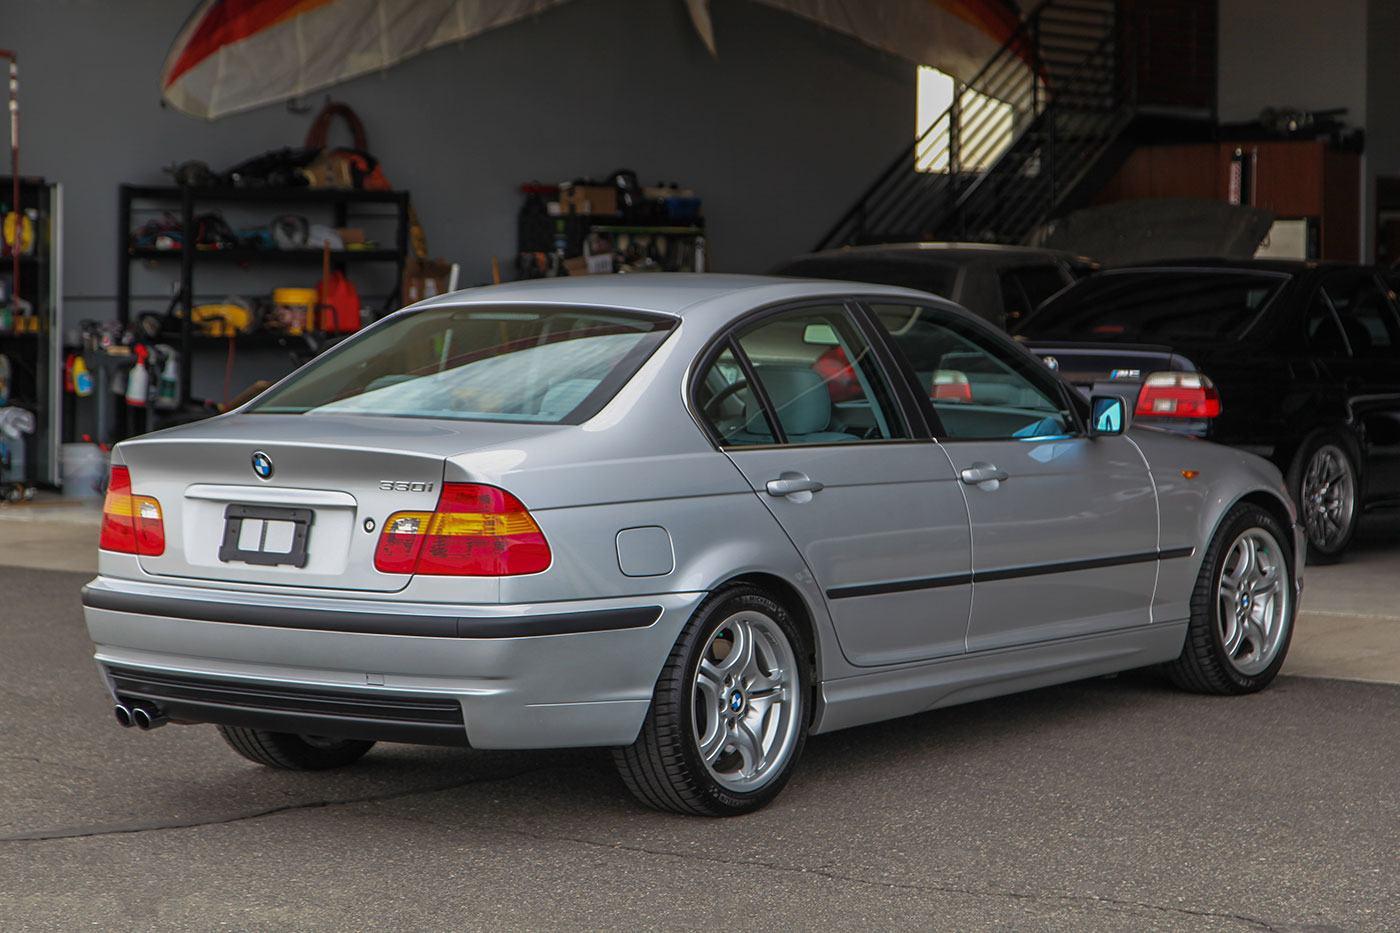 BMW Of Denver >> 2002 BMW (E46) 330i | Glen Shelly Auto Brokers — Denver ...